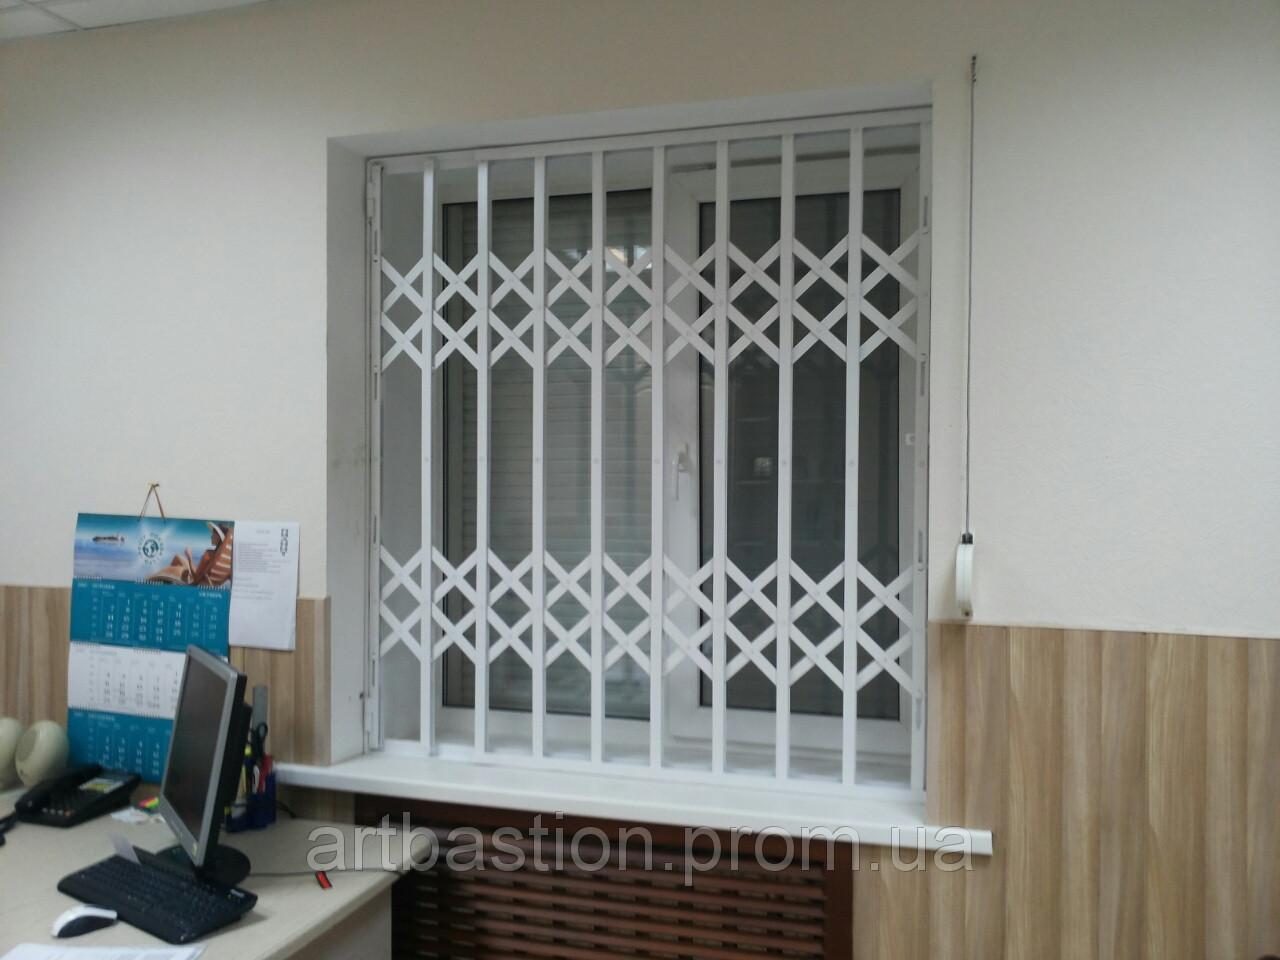 Решетки сдвижные на окна и двери